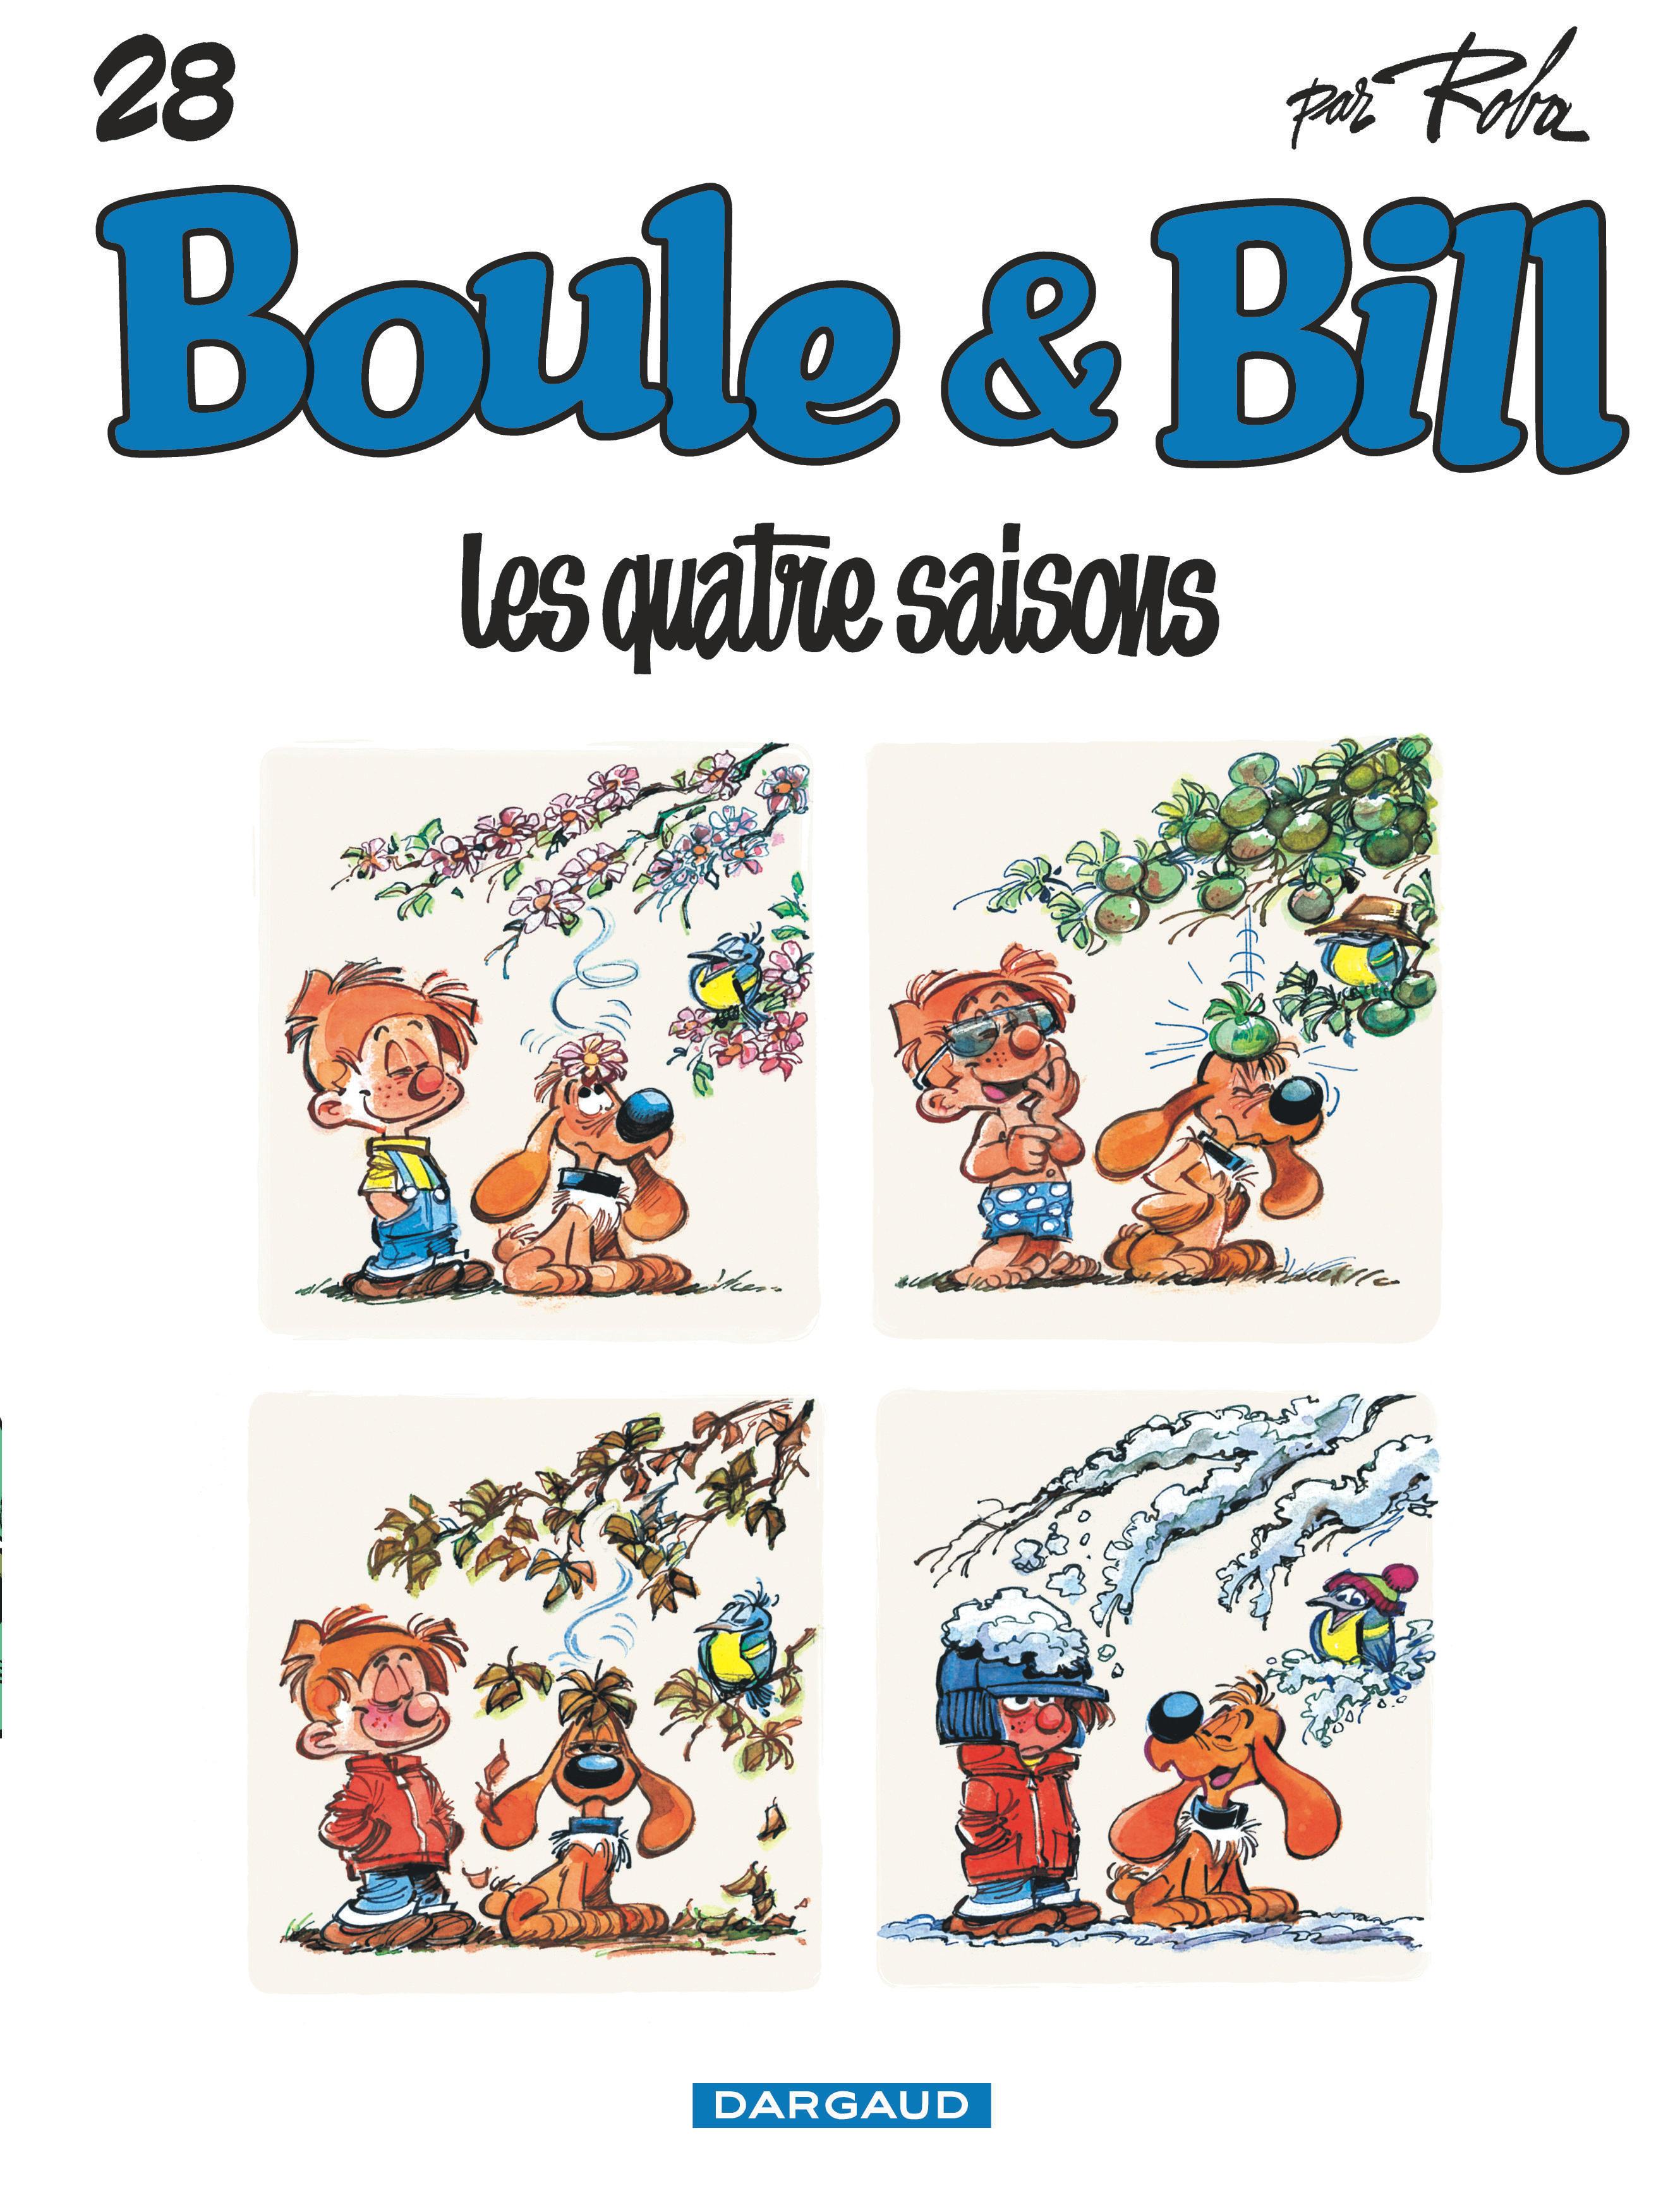 BOULE & BILL - TOME 28 - LES QUATRE SAISONS (28)